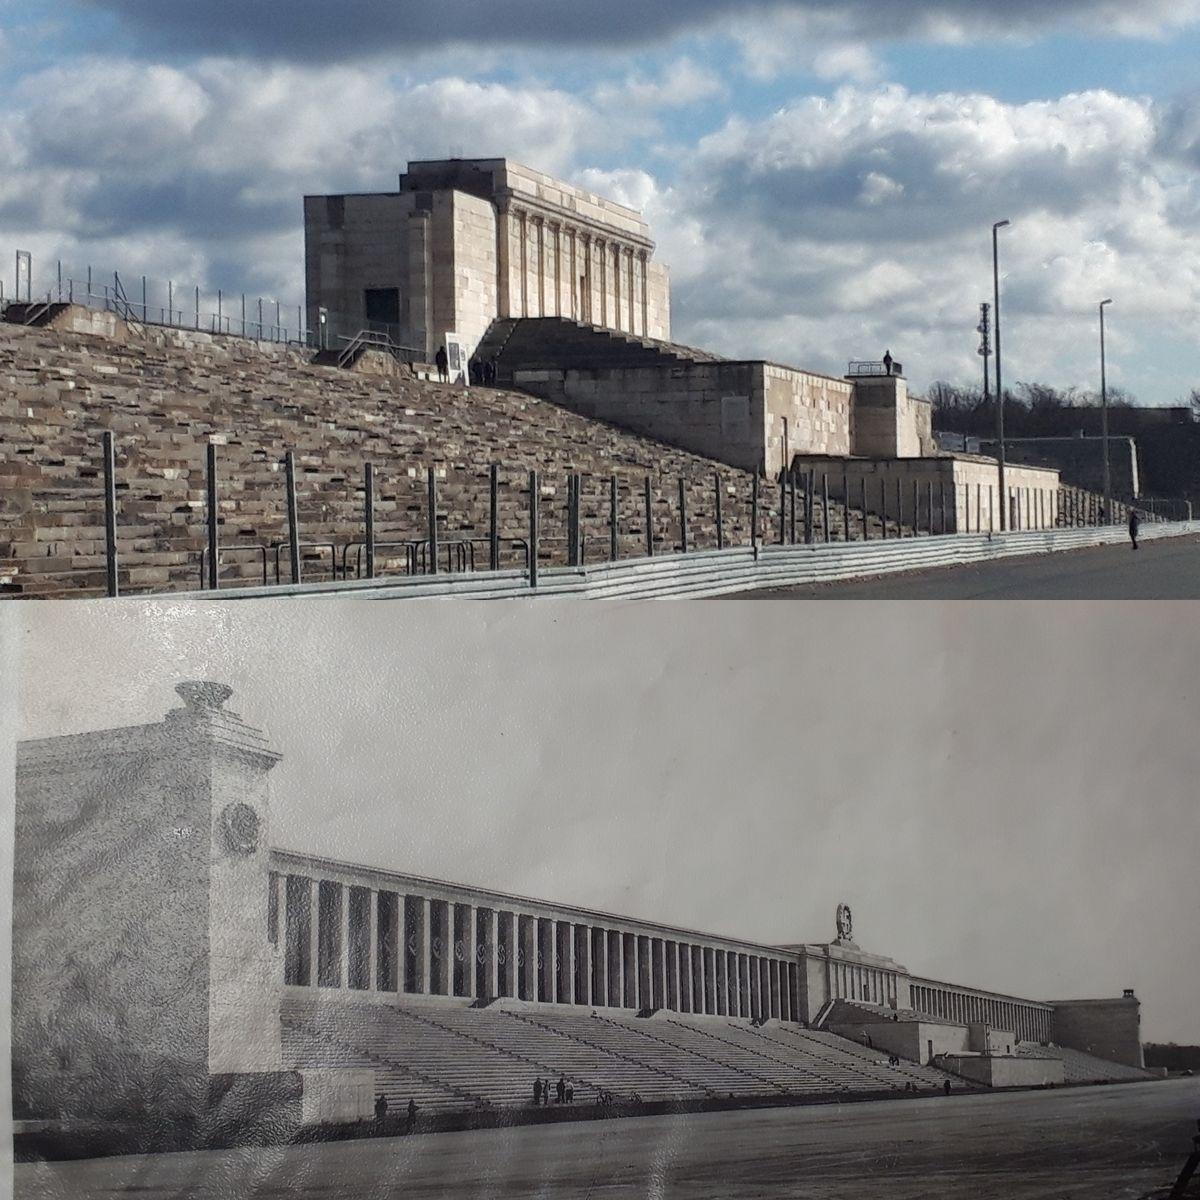 写真・図版 : ナチス党大会でヒトラーが演説したグランド・スタンドの現在(上)と1930年代(下)の様子。下はフィーデラーさんの資料より